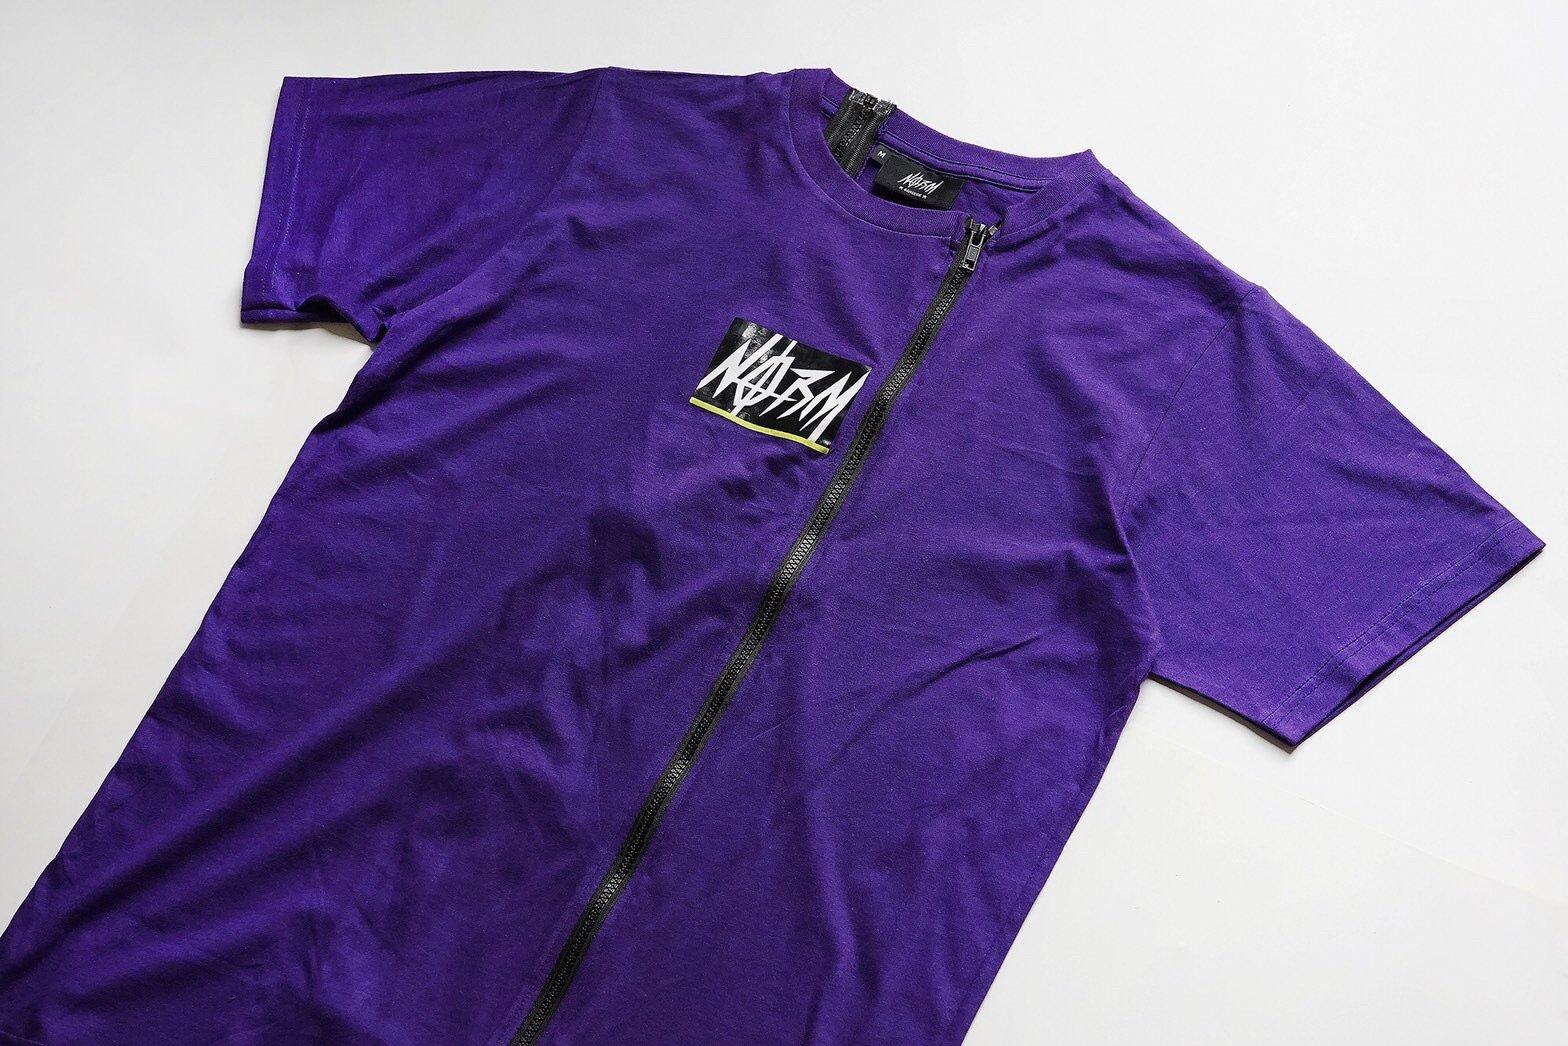 Traxx purple